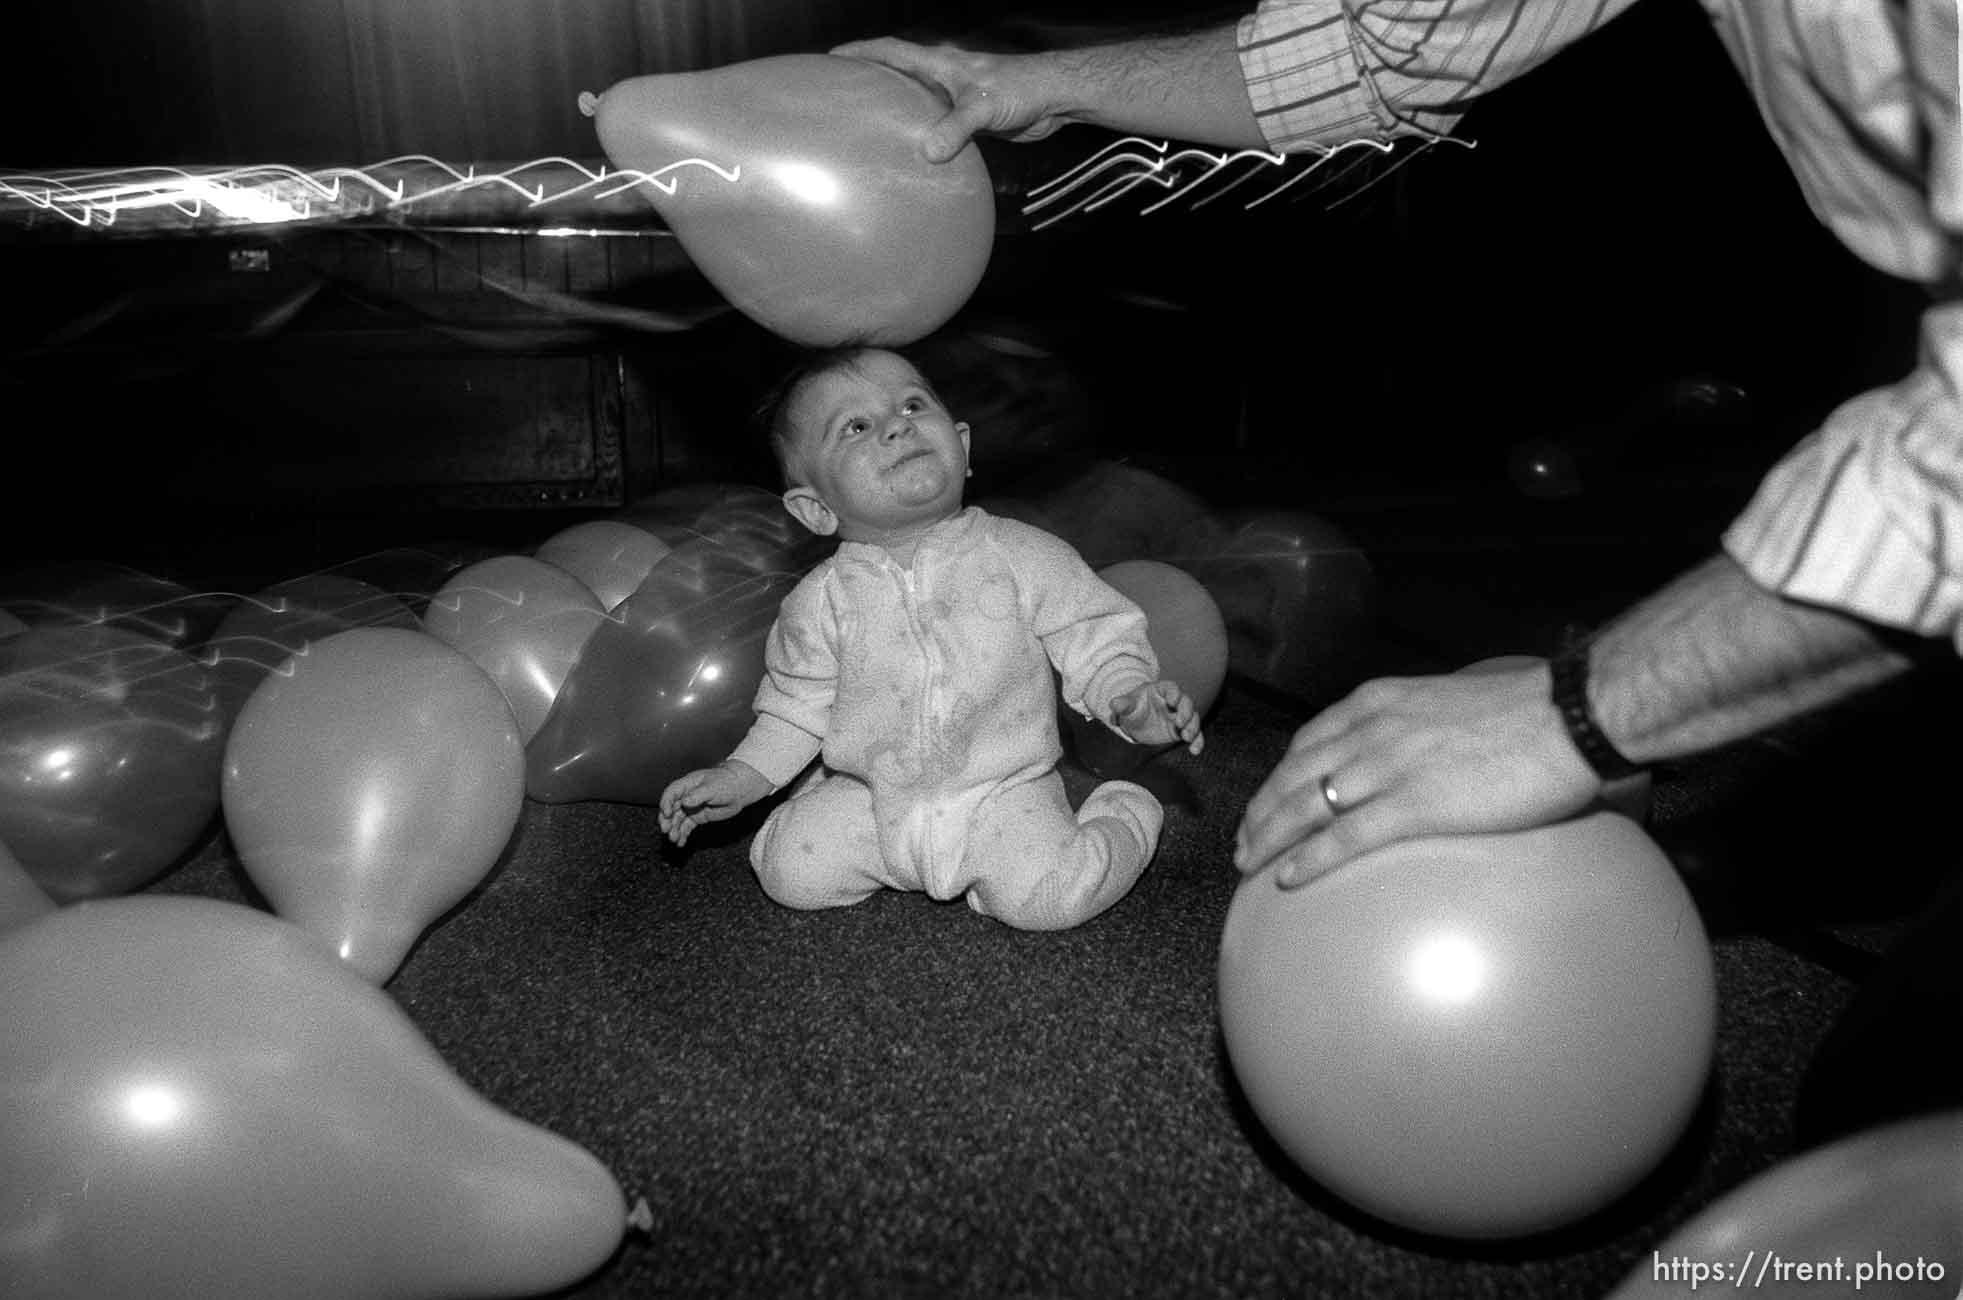 Balloon on baby's head